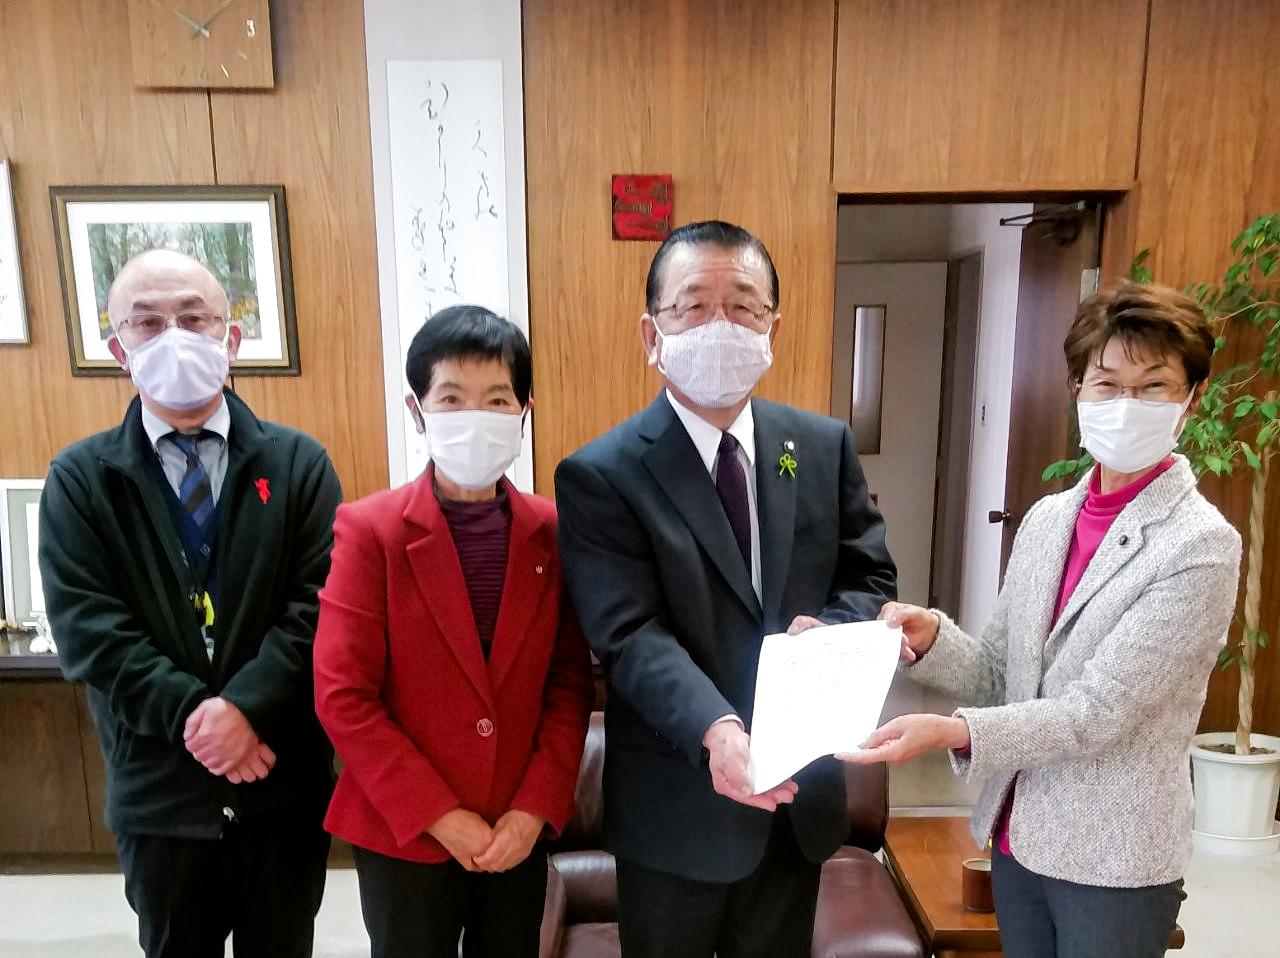 新型コロナウイルス感染「緊急事態宣言」にたいする要請